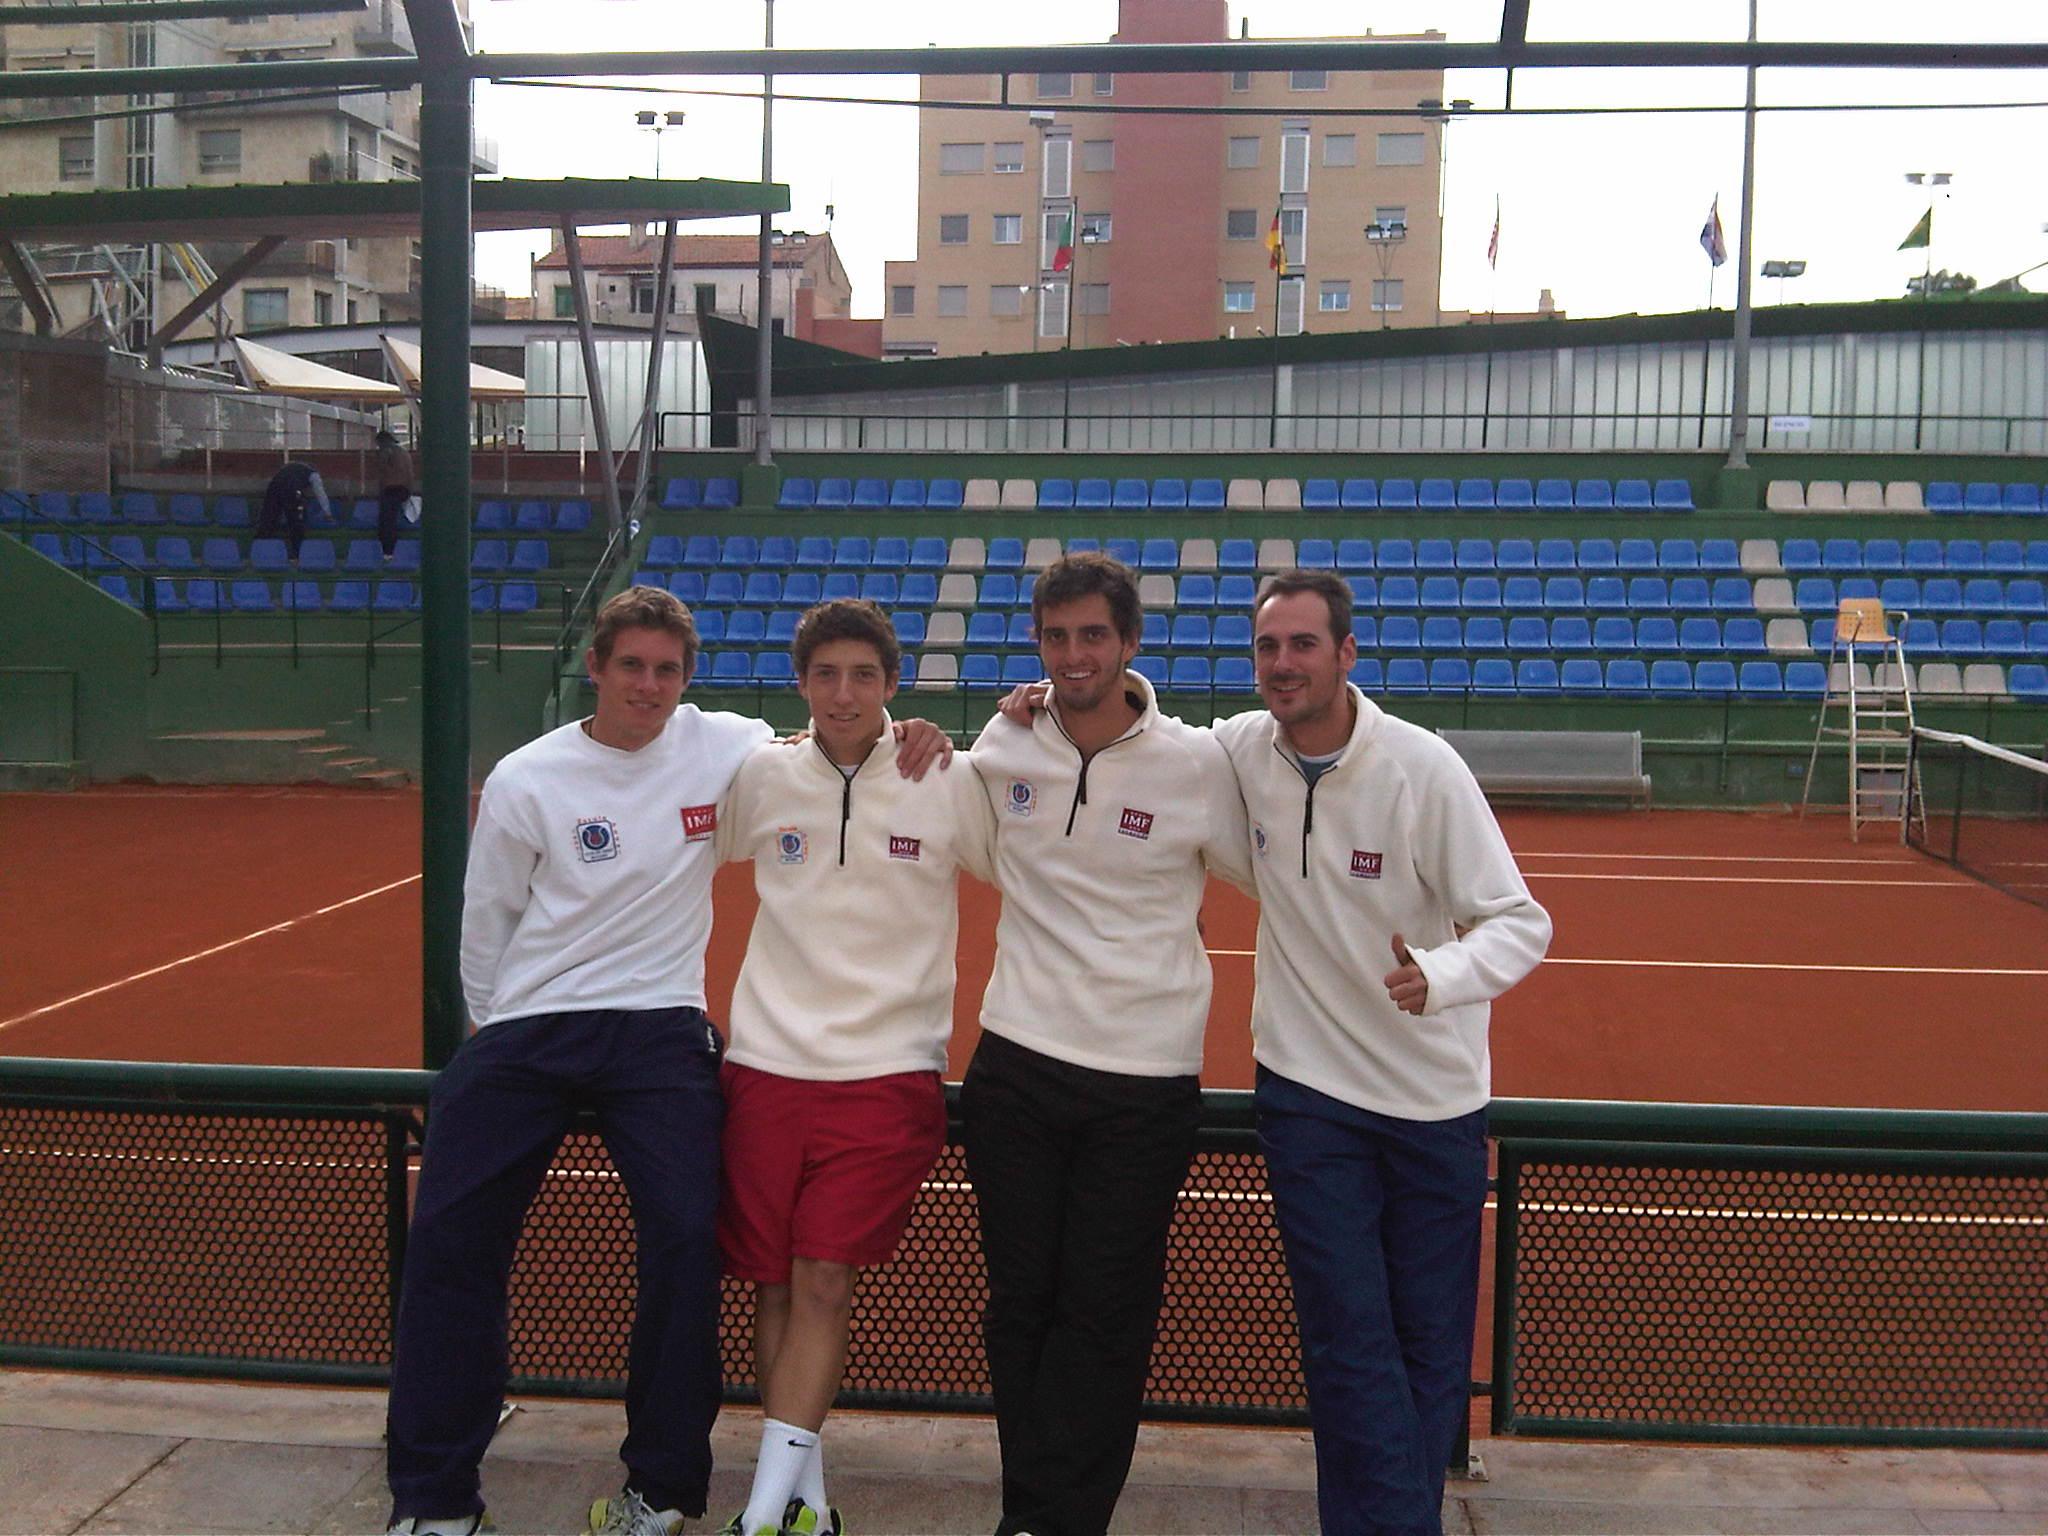 IMG00004-20100202-1619-1 IMF patrocina la Escuela de Tenis de Mataró